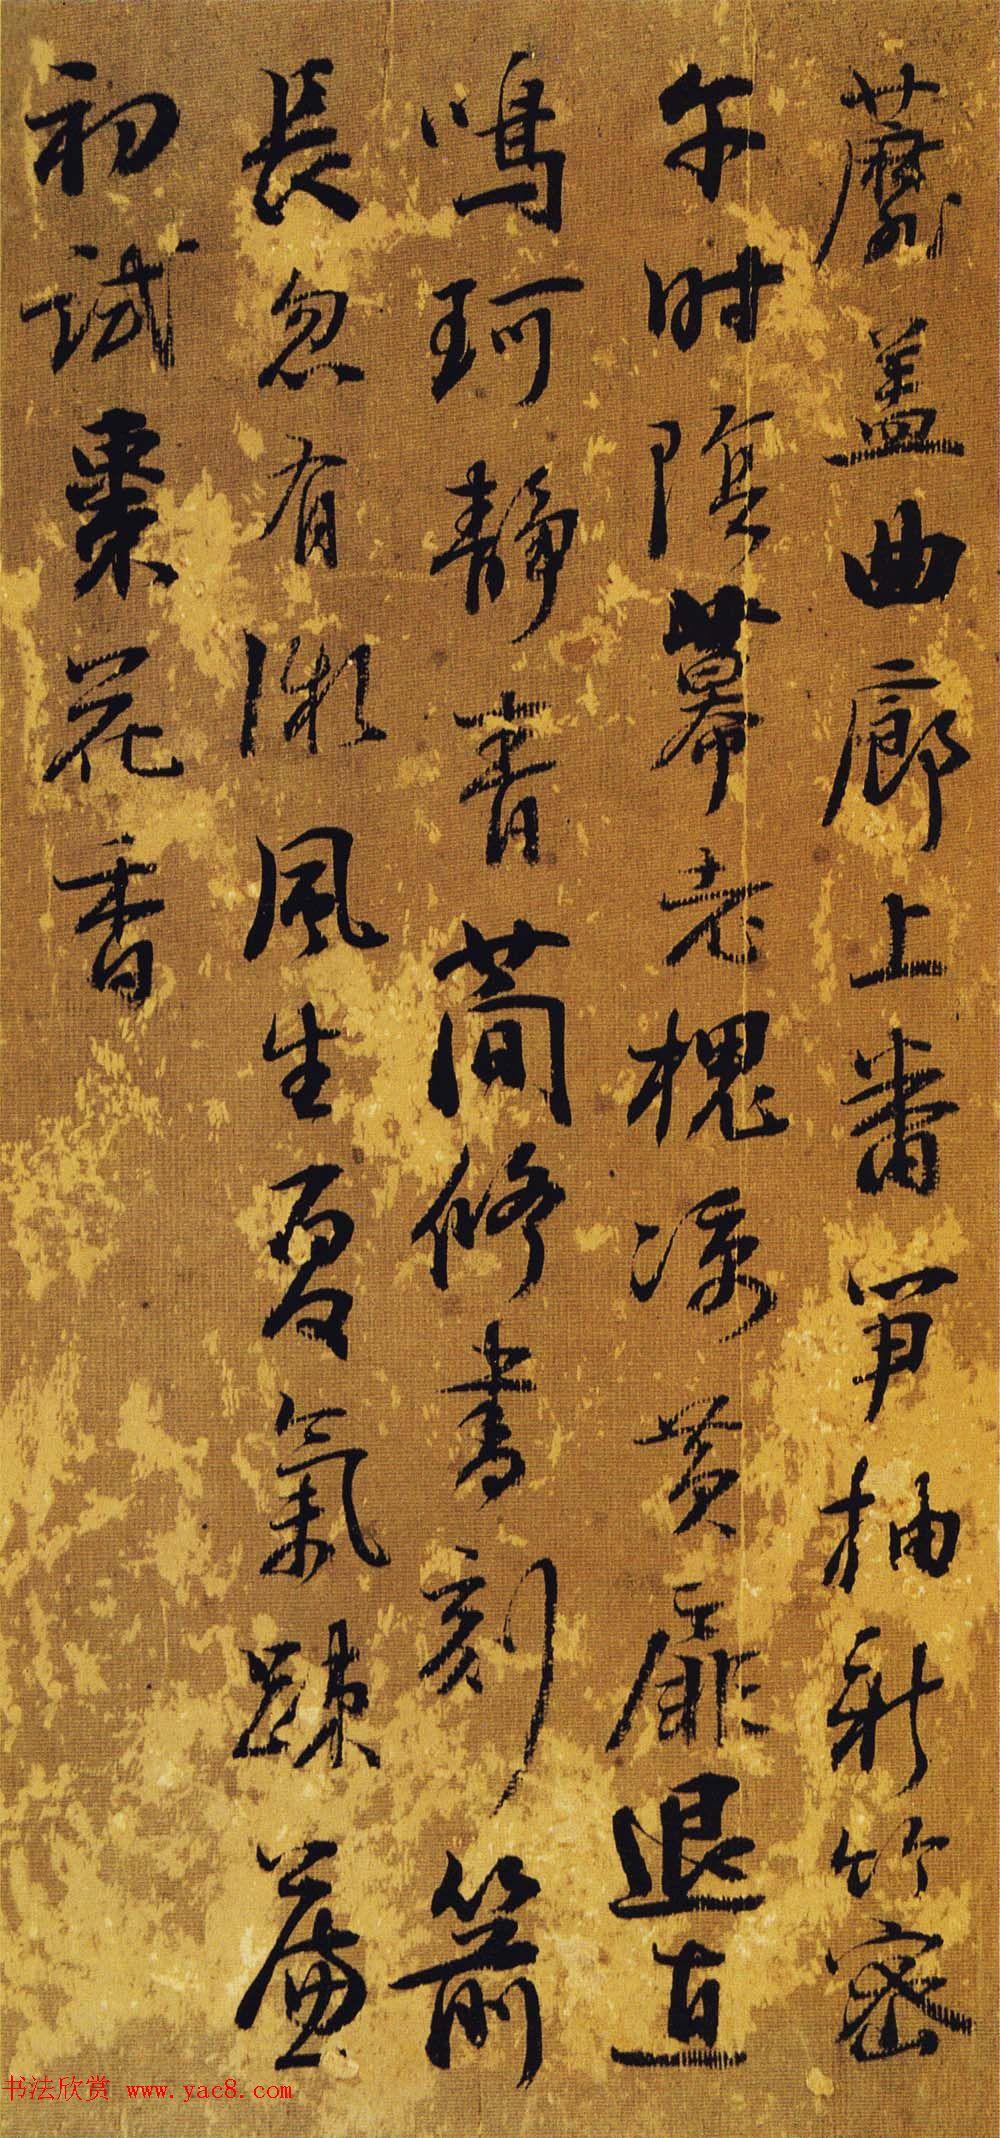 阮元书法册页欣赏《京邸西城上冈小园杂诗》